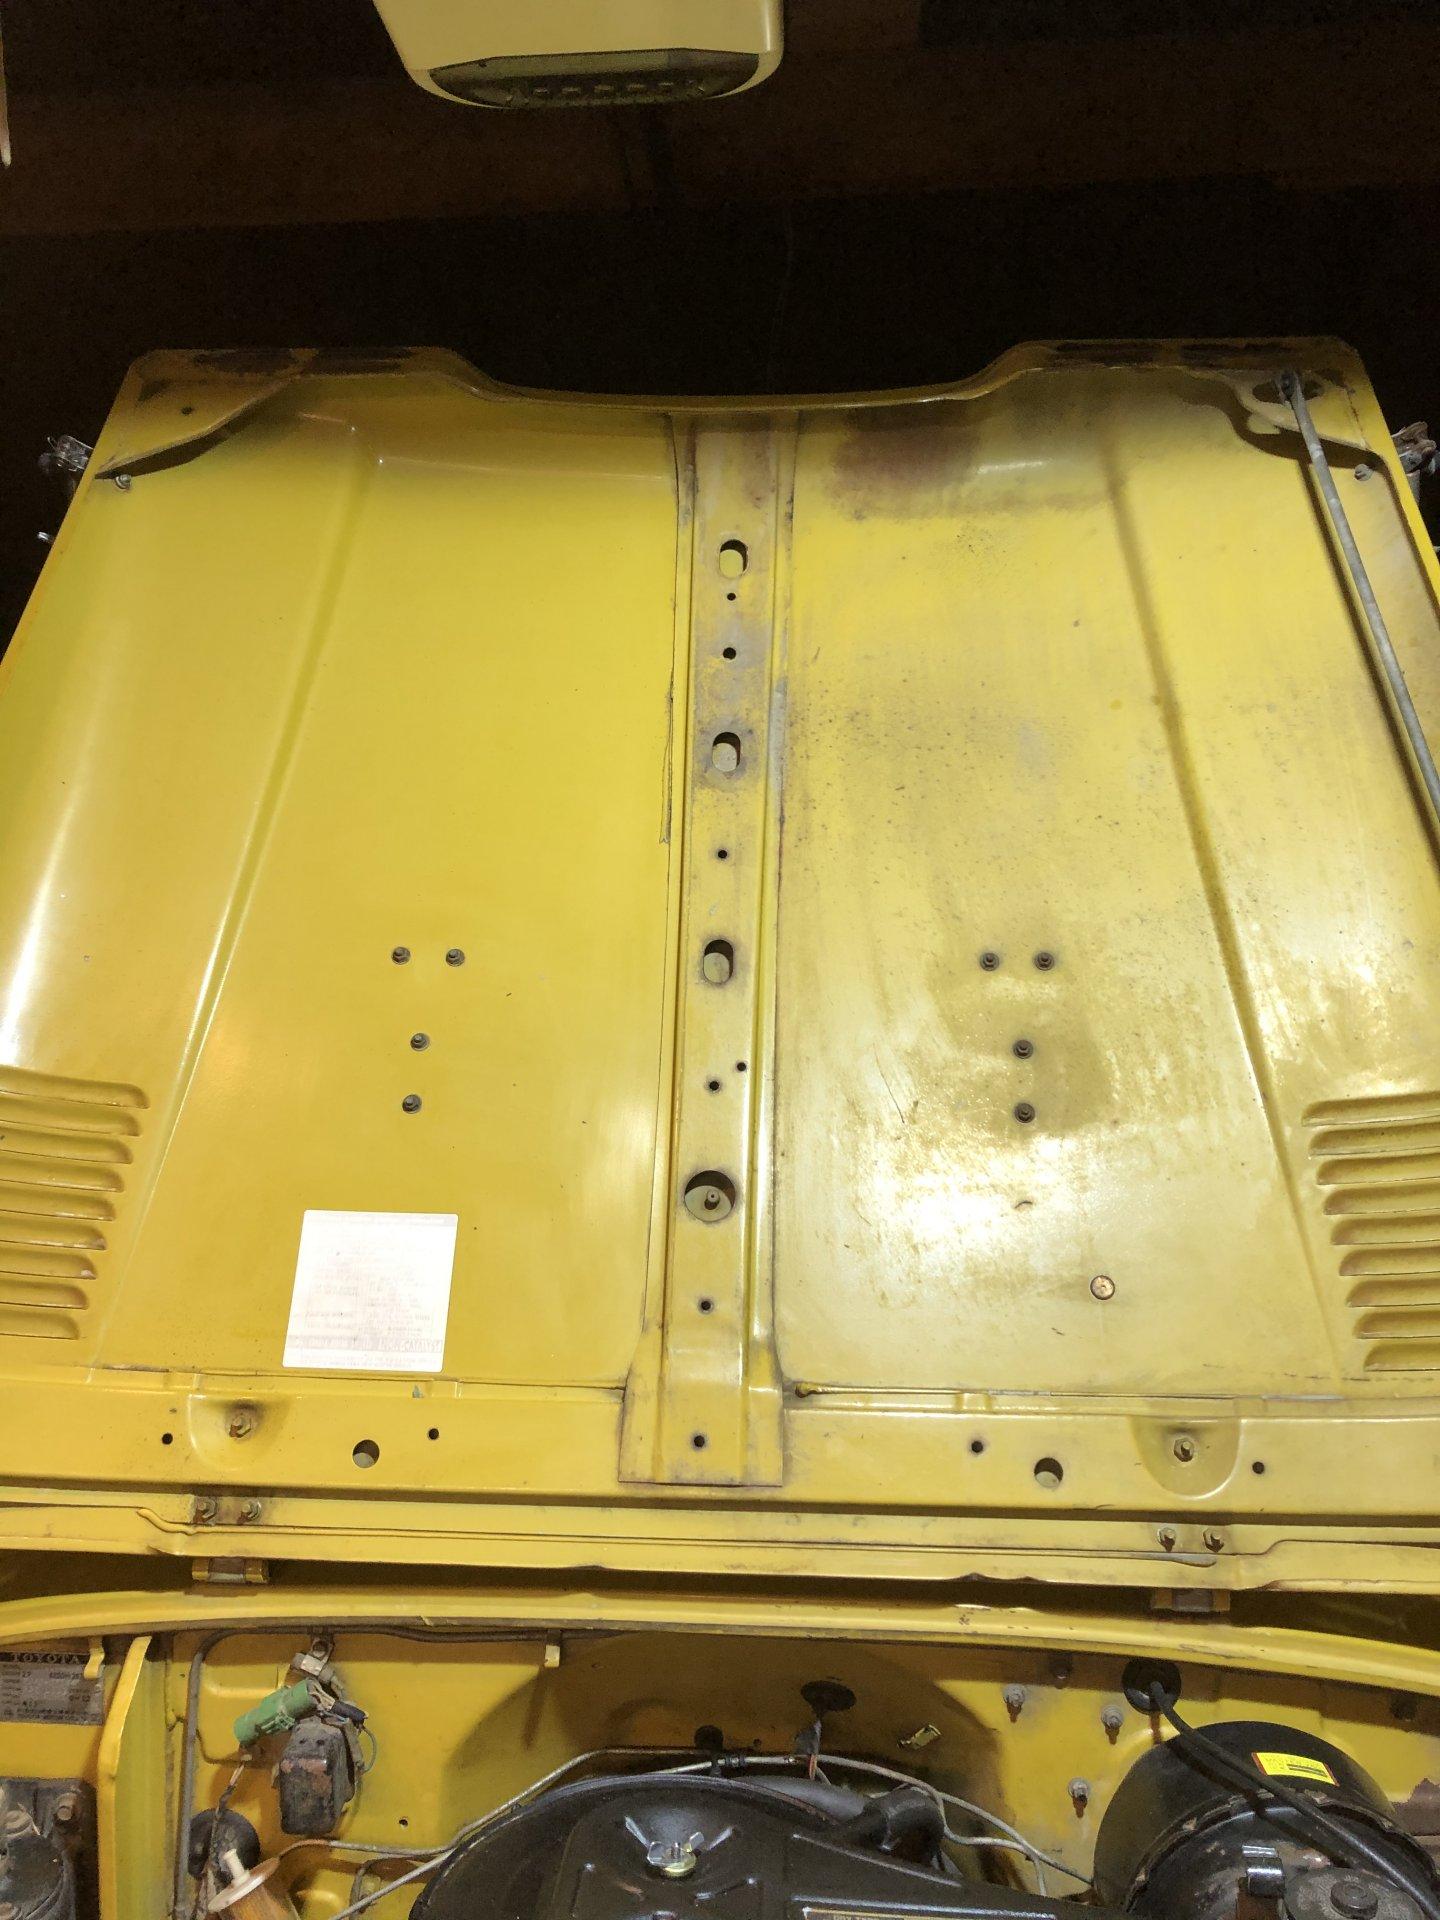 E47DB9FA-996E-4A2B-9F48-EA2209E709C7.jpeg